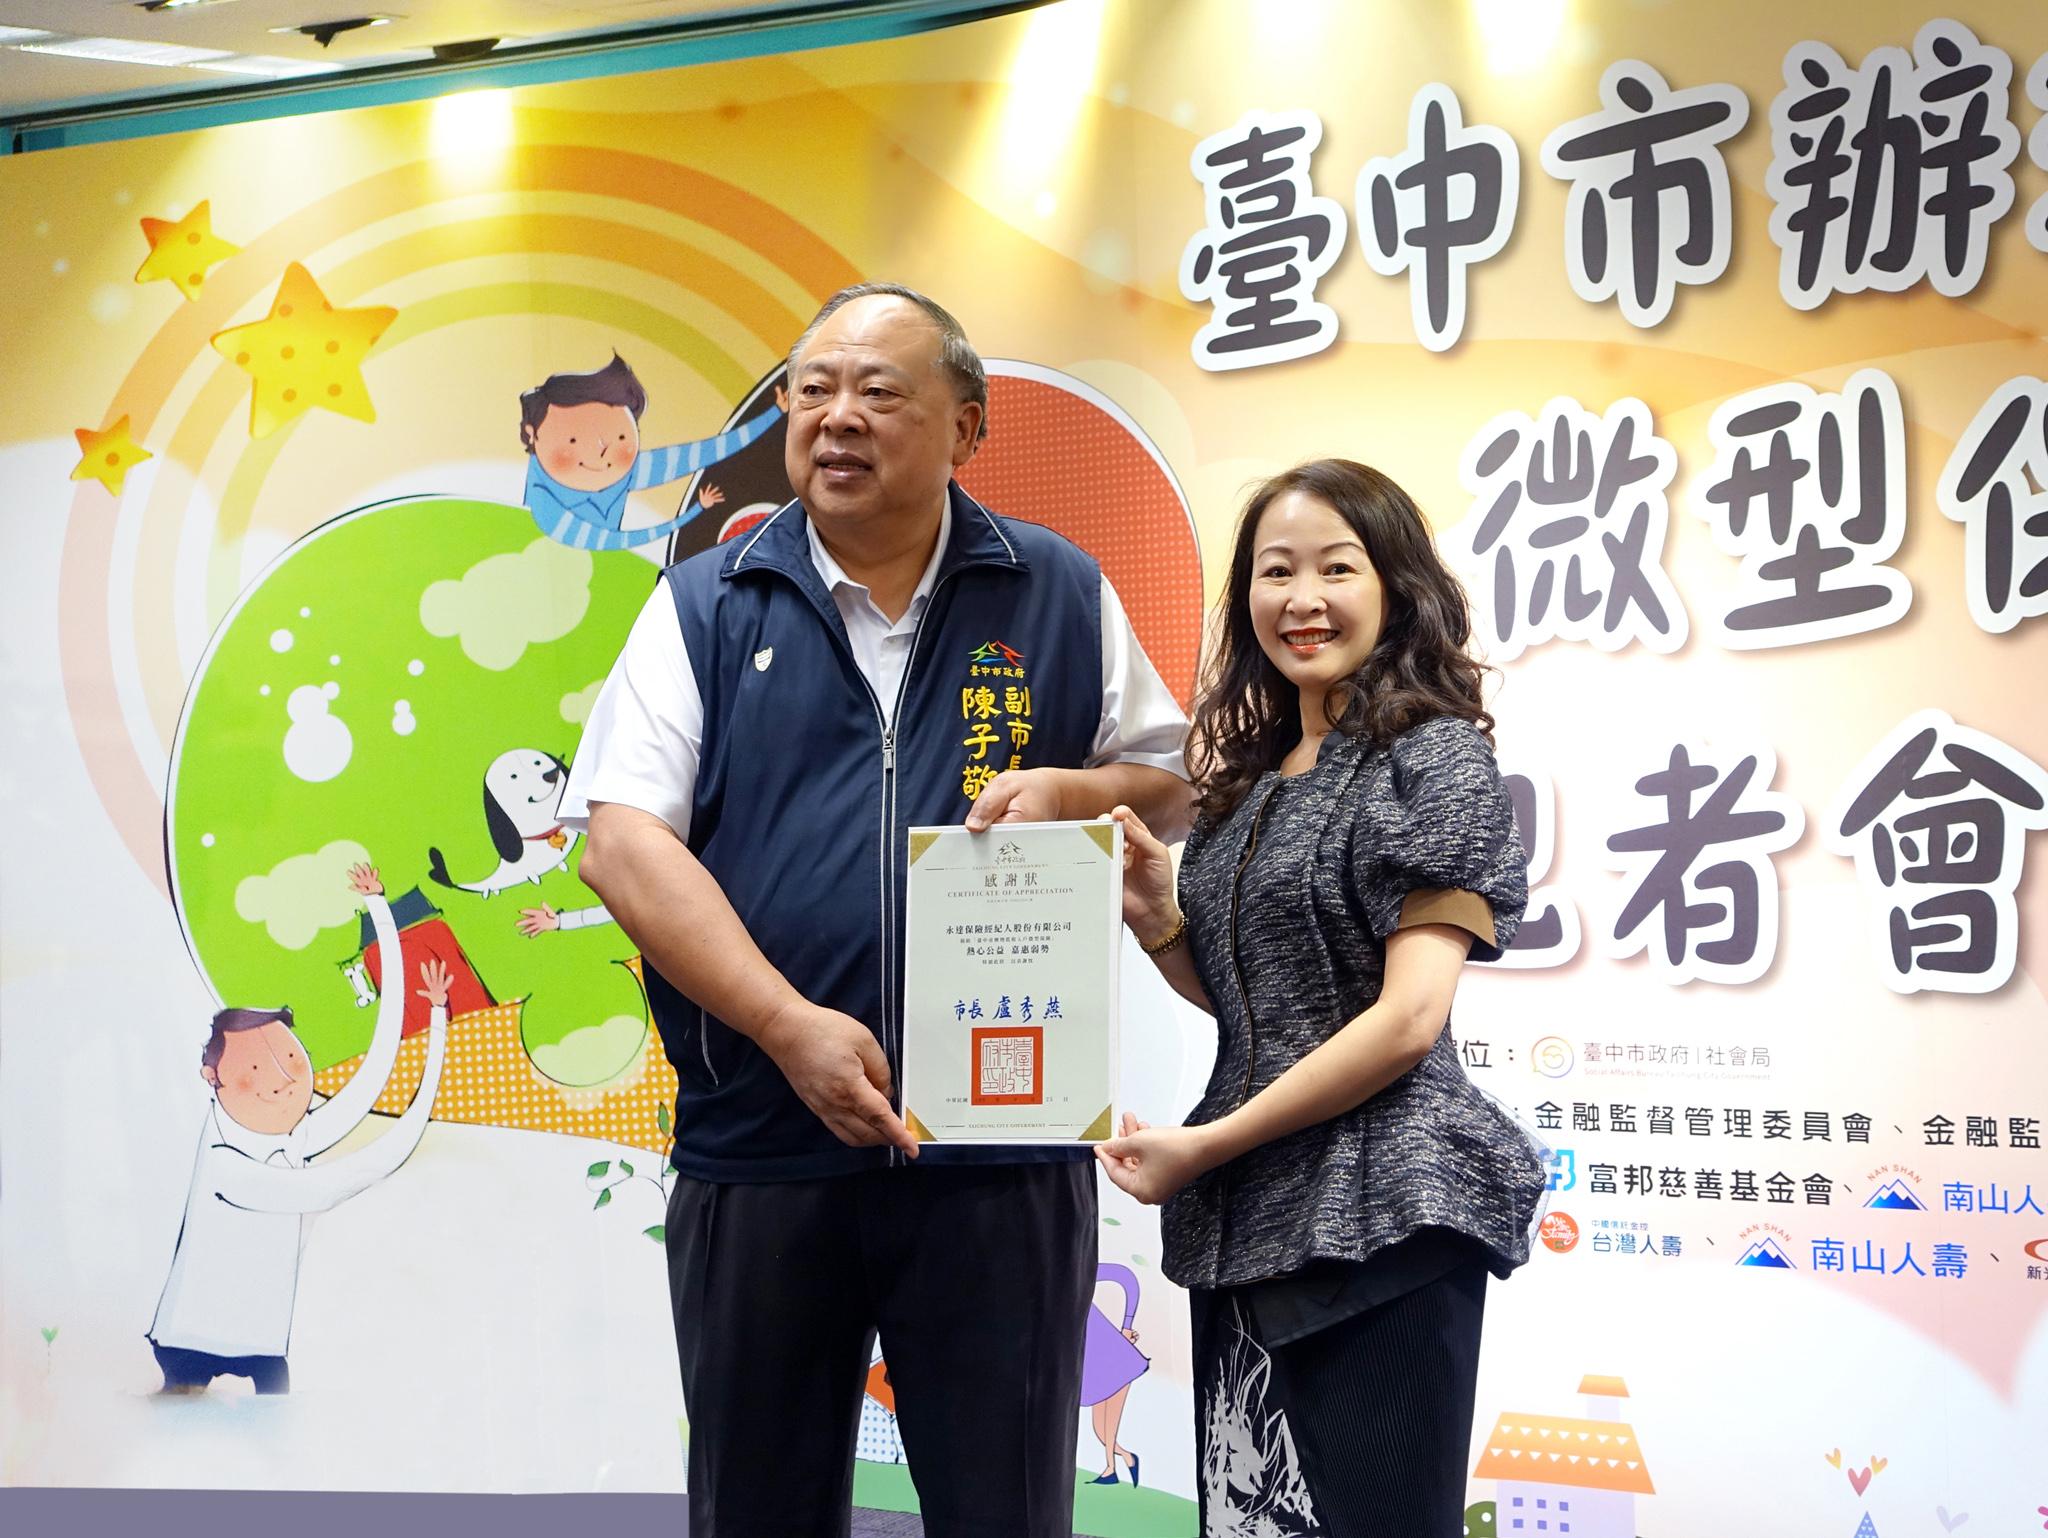 臺中市陳子敬副市長(左)頒發感謝狀予永達保險經紀人暨永達社基金會代表謝梅君副總經理。